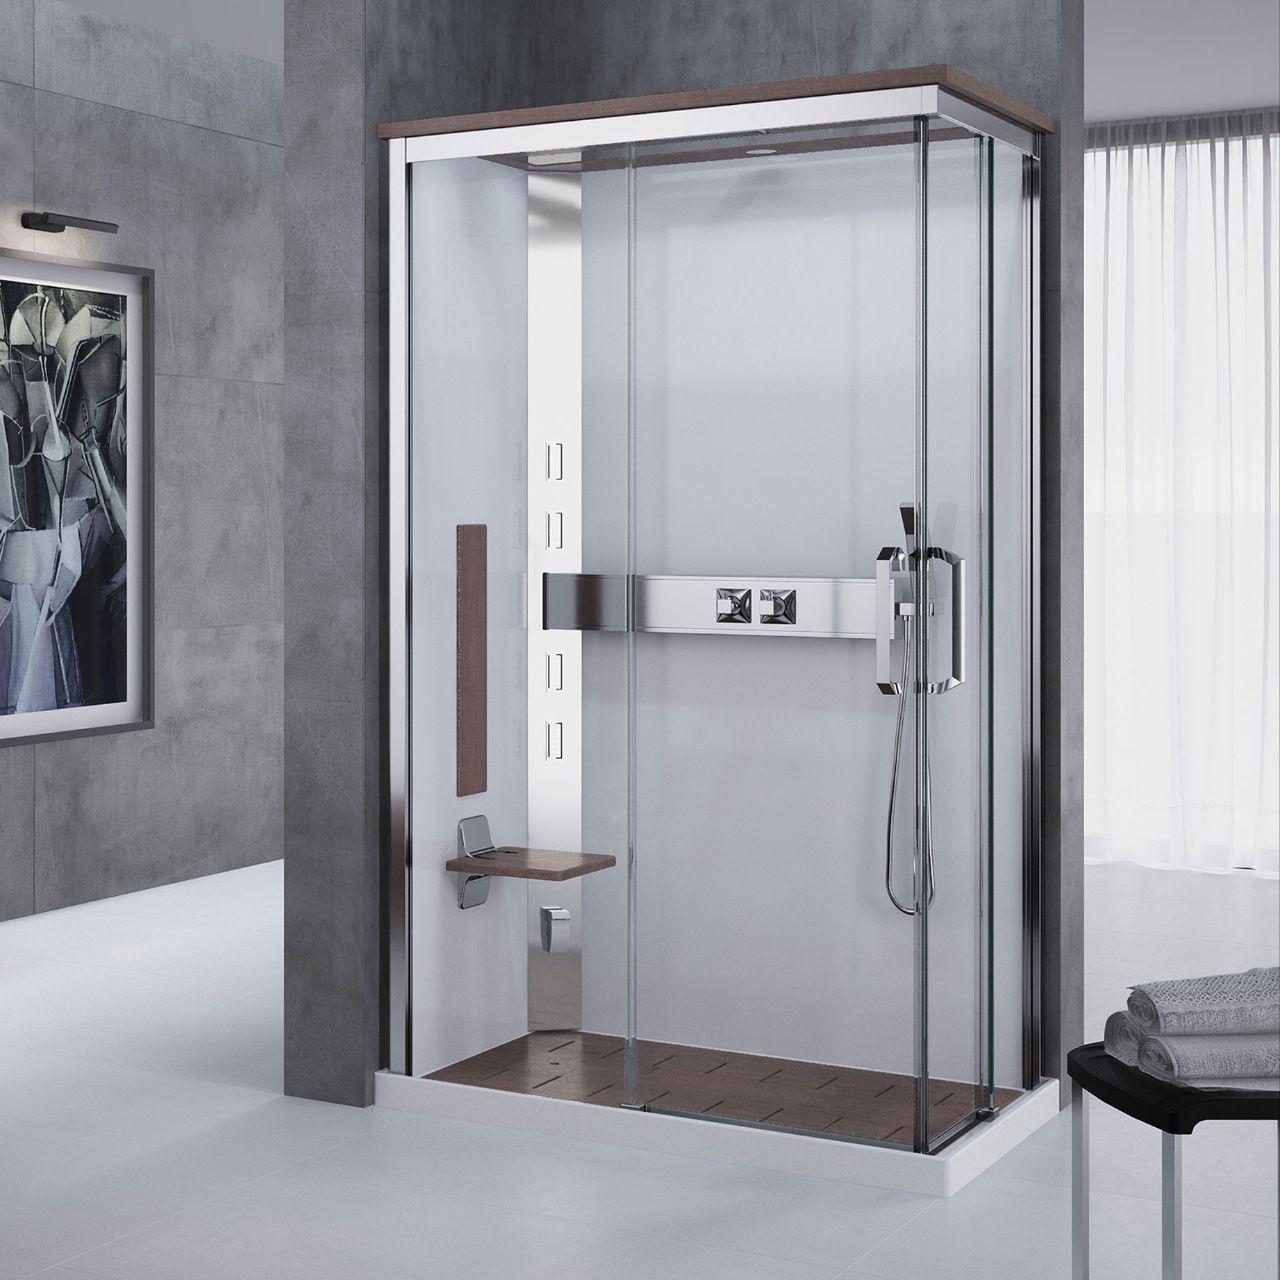 Cabine doccia nexis a120x80 novellini - Cabine doccia multifunzione novellini ...